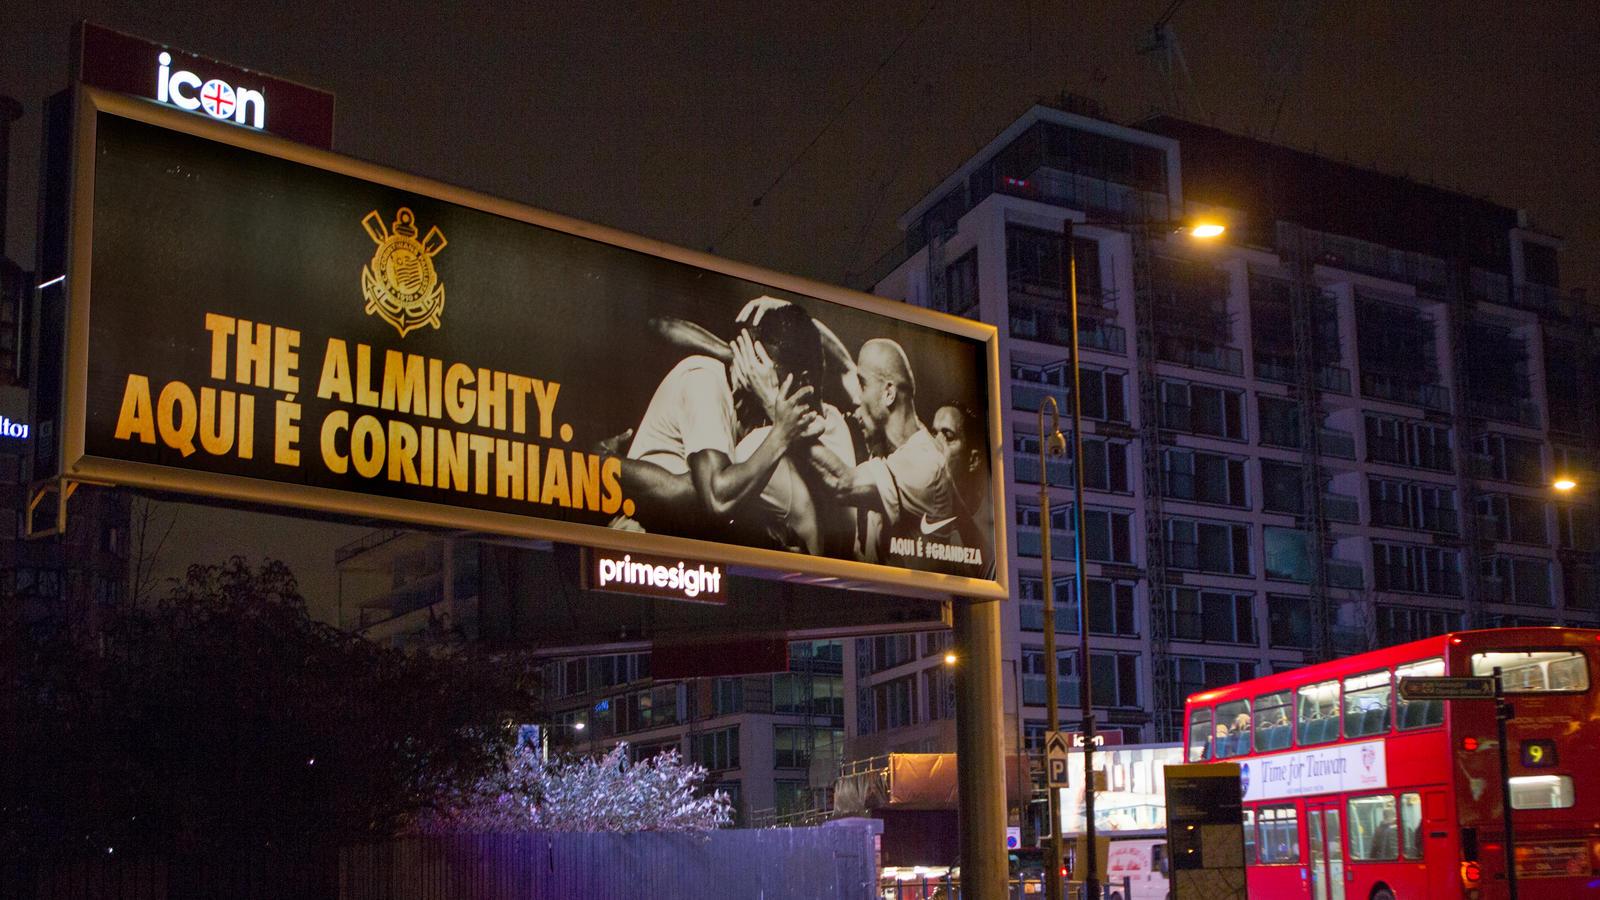 Nike Corinthians Billboard in London